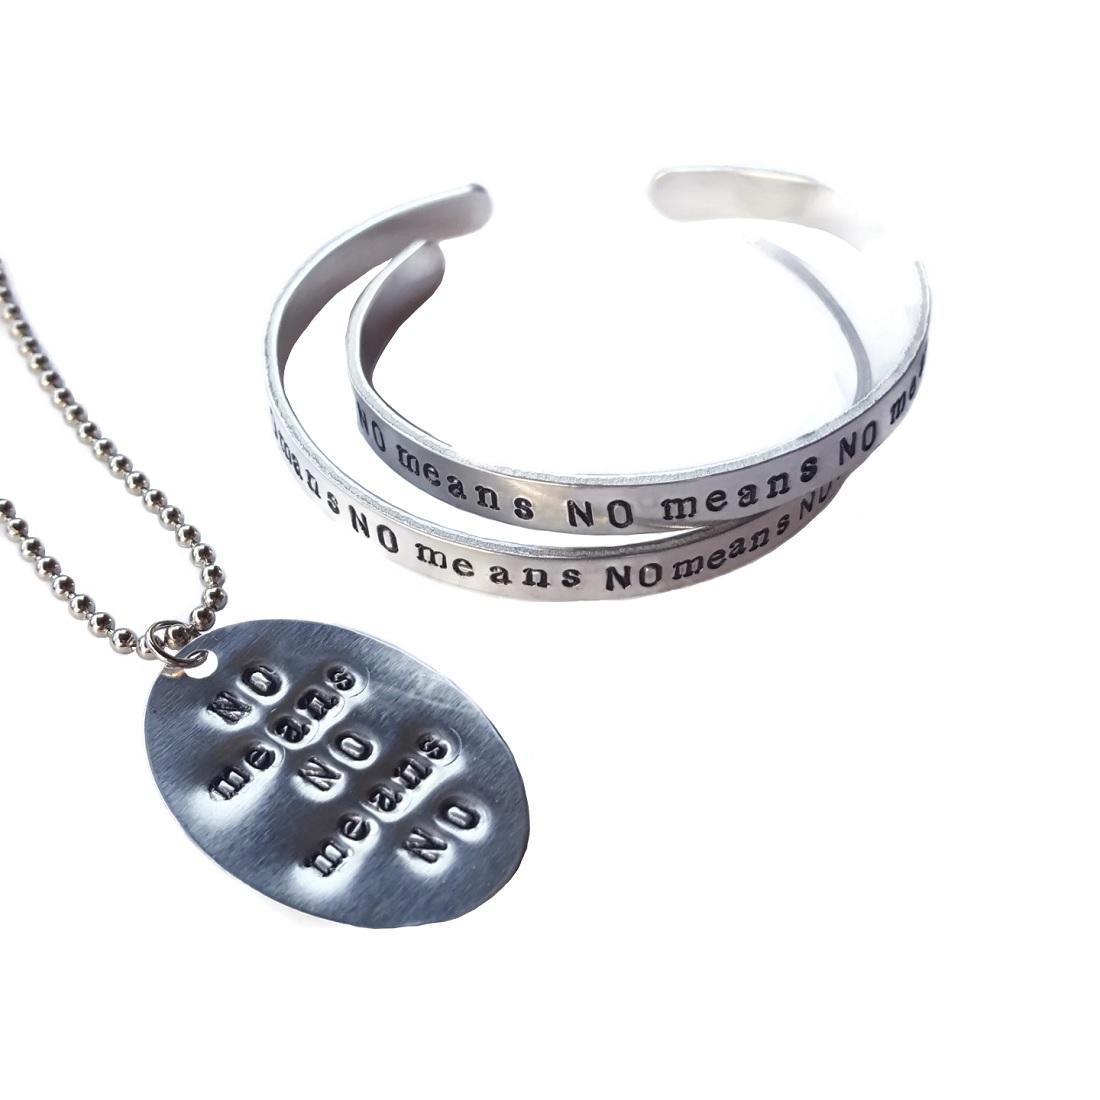 no means no necklace bracelet set